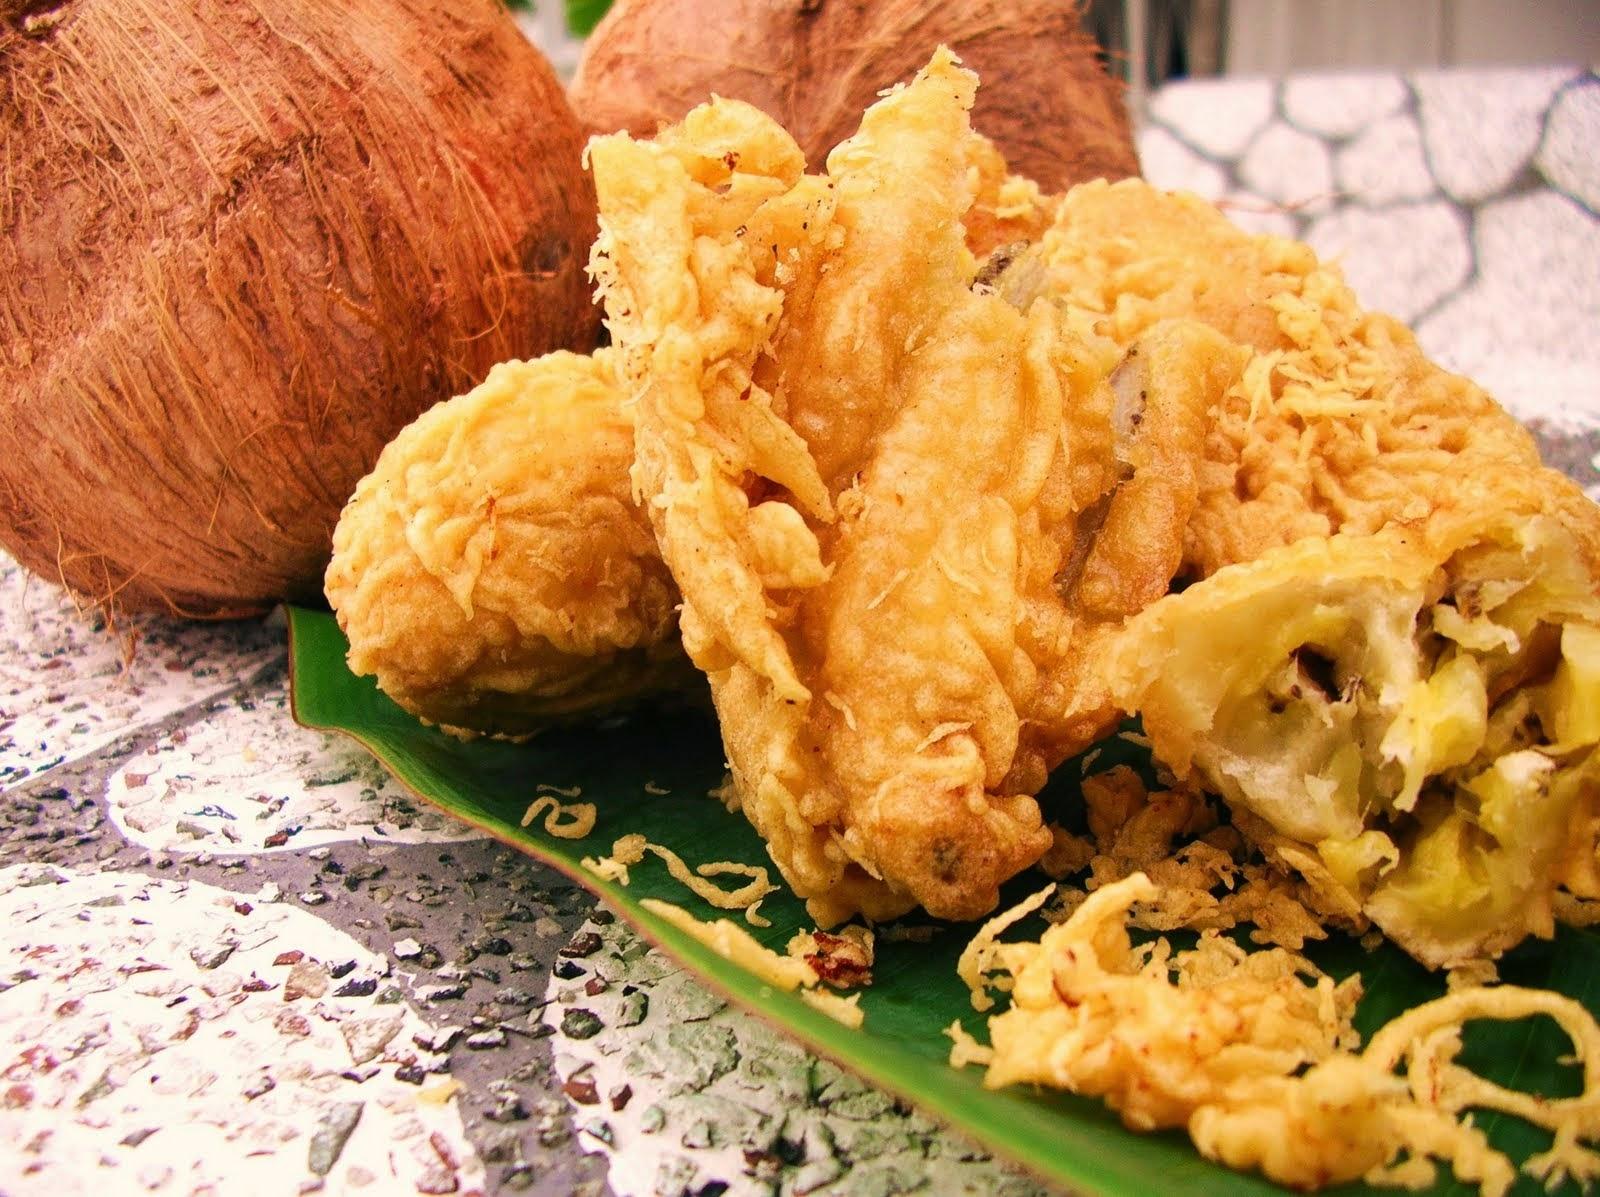 Resep Cara Membuat Pisang Goreng Crispy Renyah Resep Cara Membuat Pisang Goreng Crispy Renyah